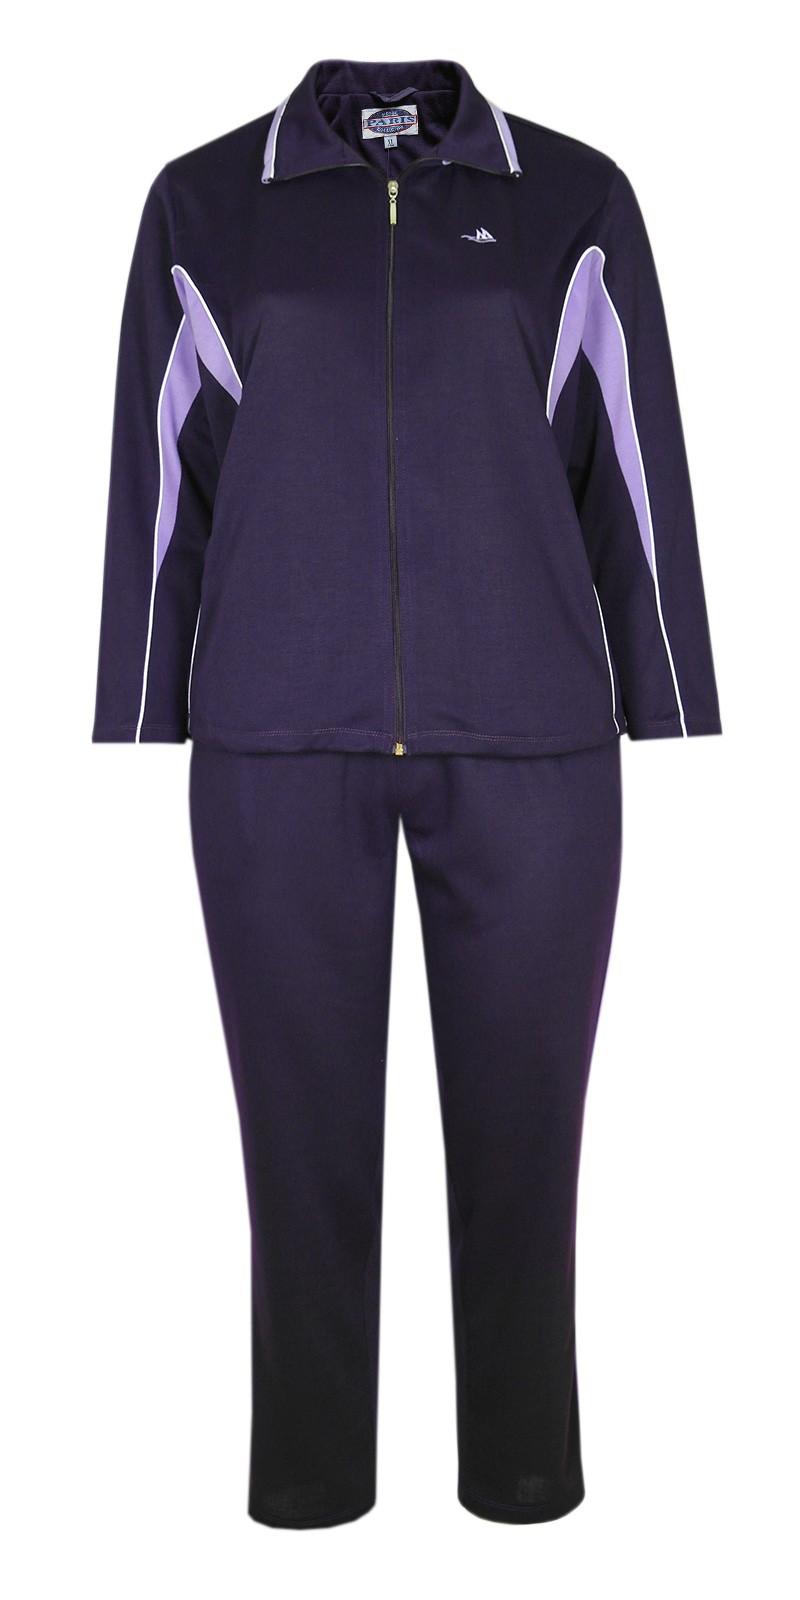 Damen Baumwoll Freizeit- Sportanzug Jogginganzug in fünf schönen Farbtönen - Dark violett